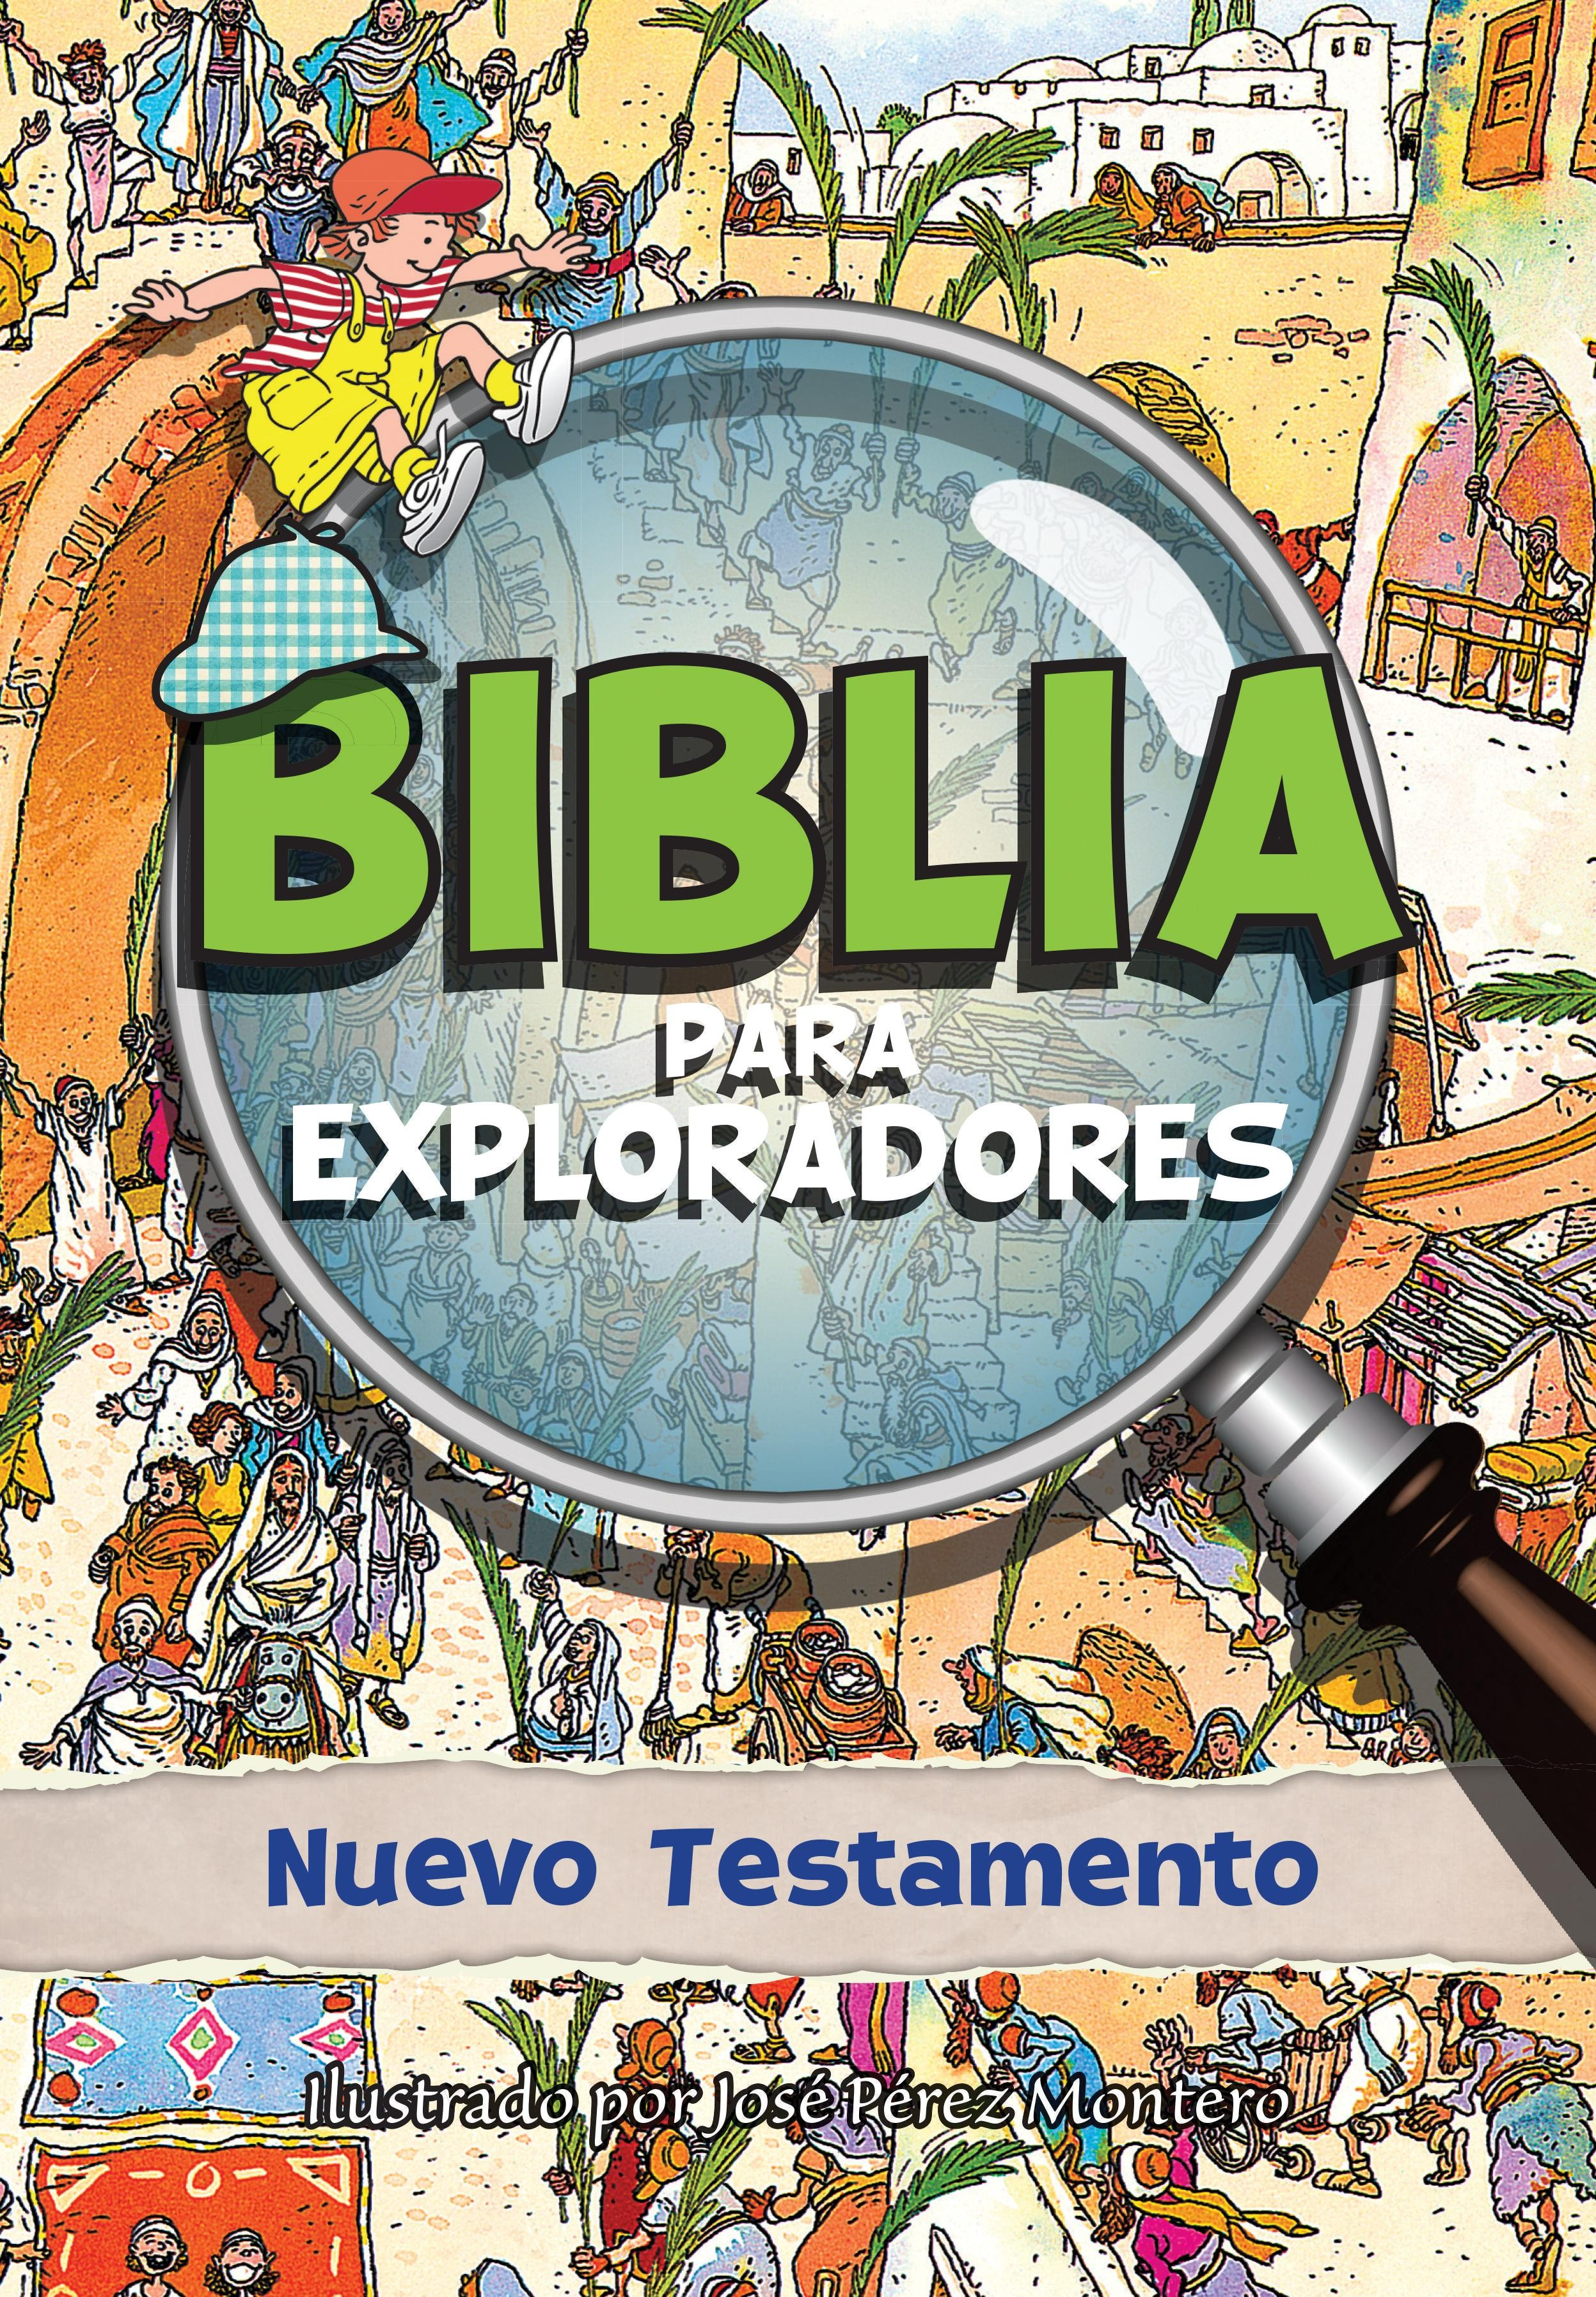 Biblia para exploradores: Nuevo Testamento